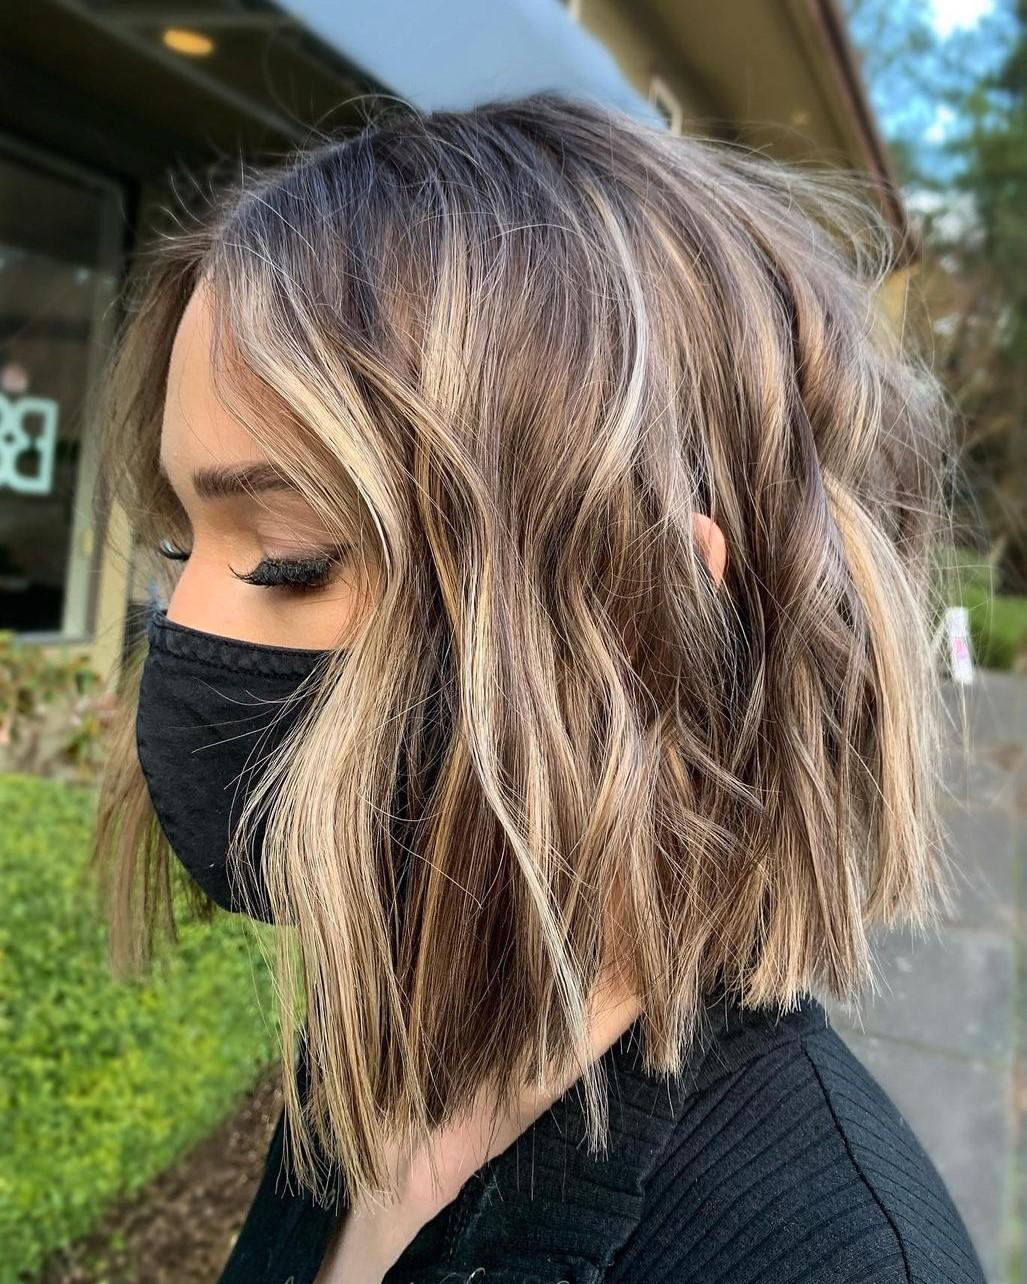 Choppy Female Haircut